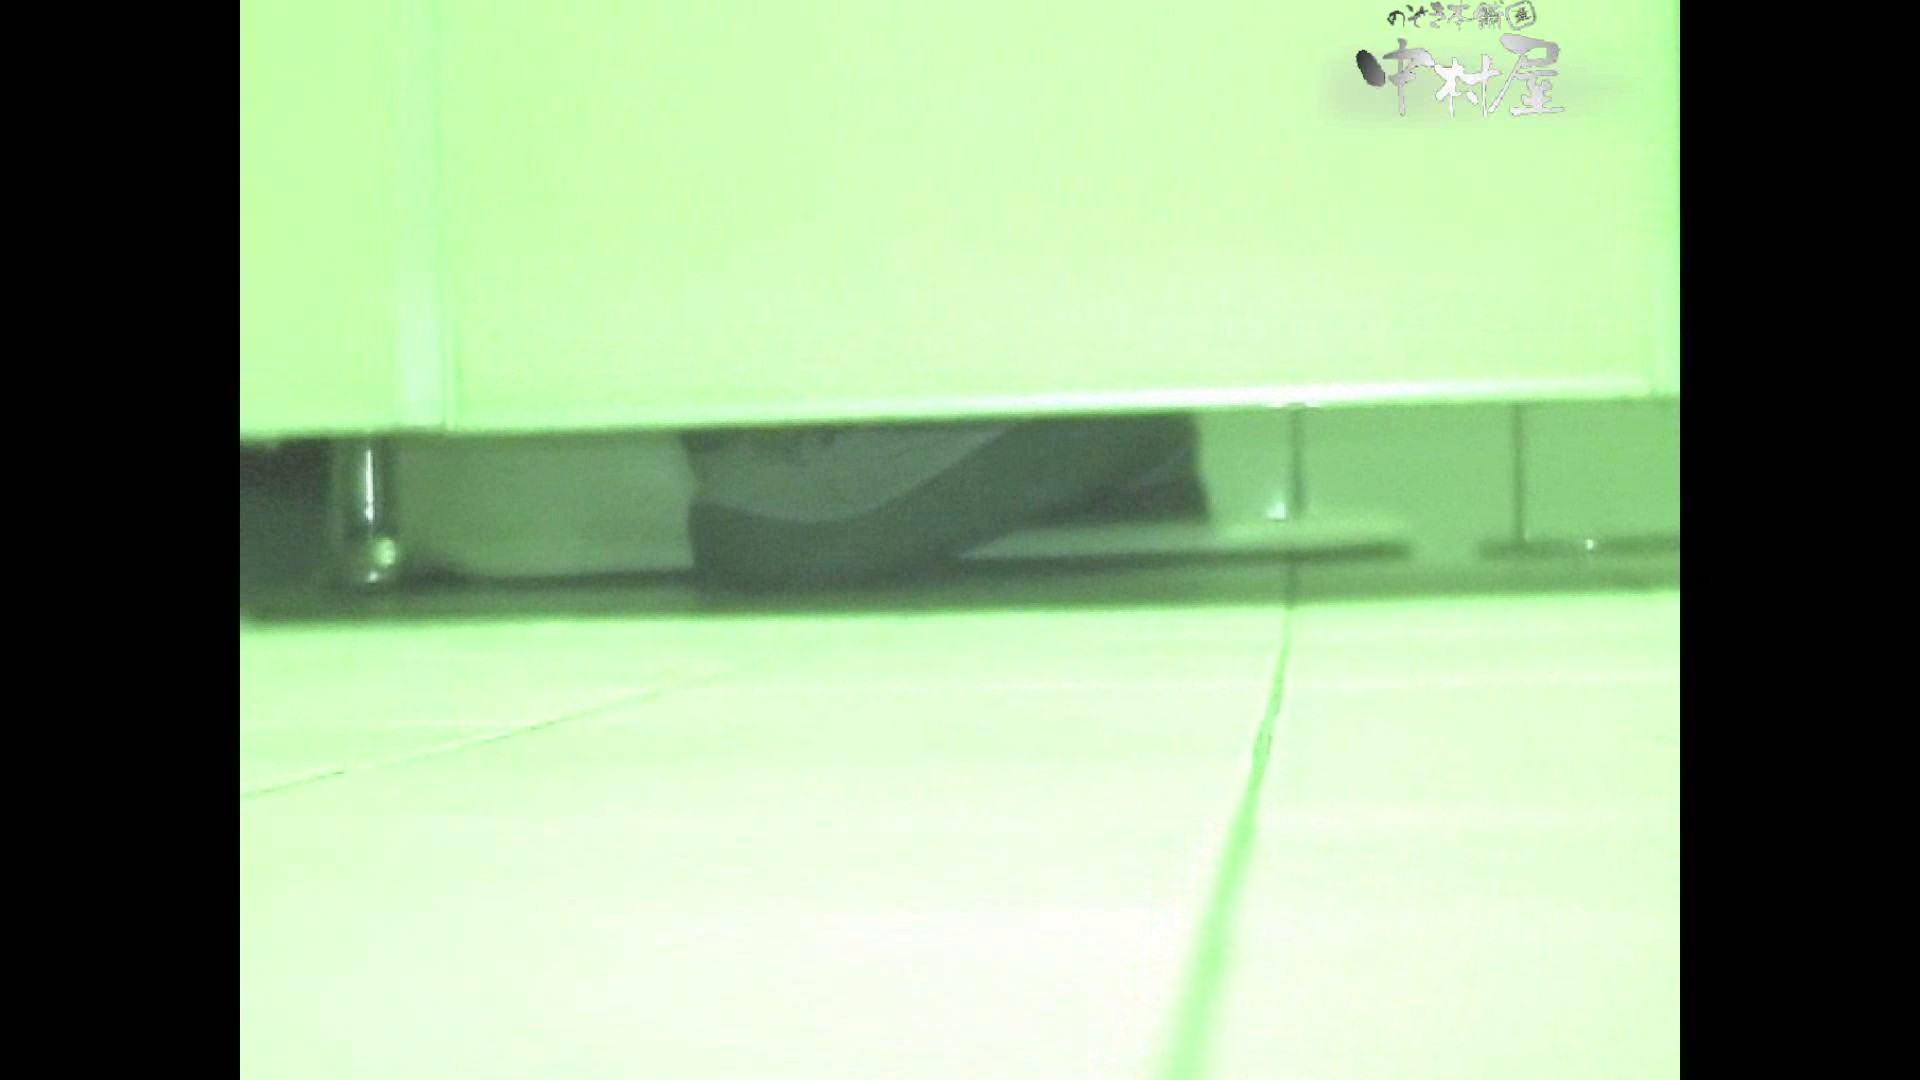 岩手県在住盗撮師盗撮記録vol.31 OLハメ撮り  59Pix 16